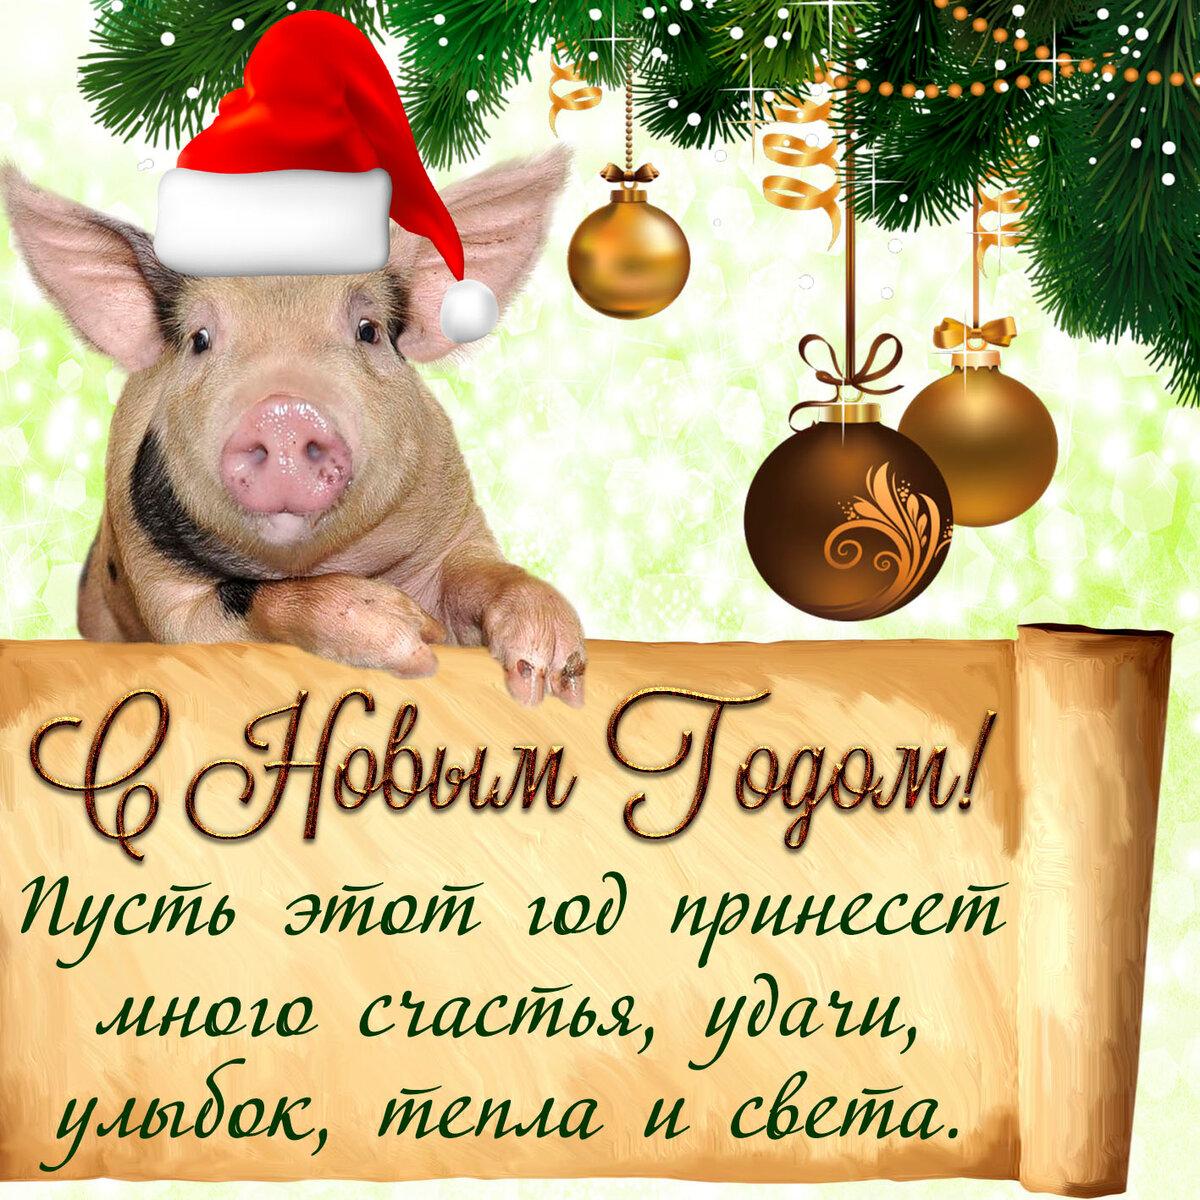 прикольные поздравления к новому году свиньи центром развития жанра